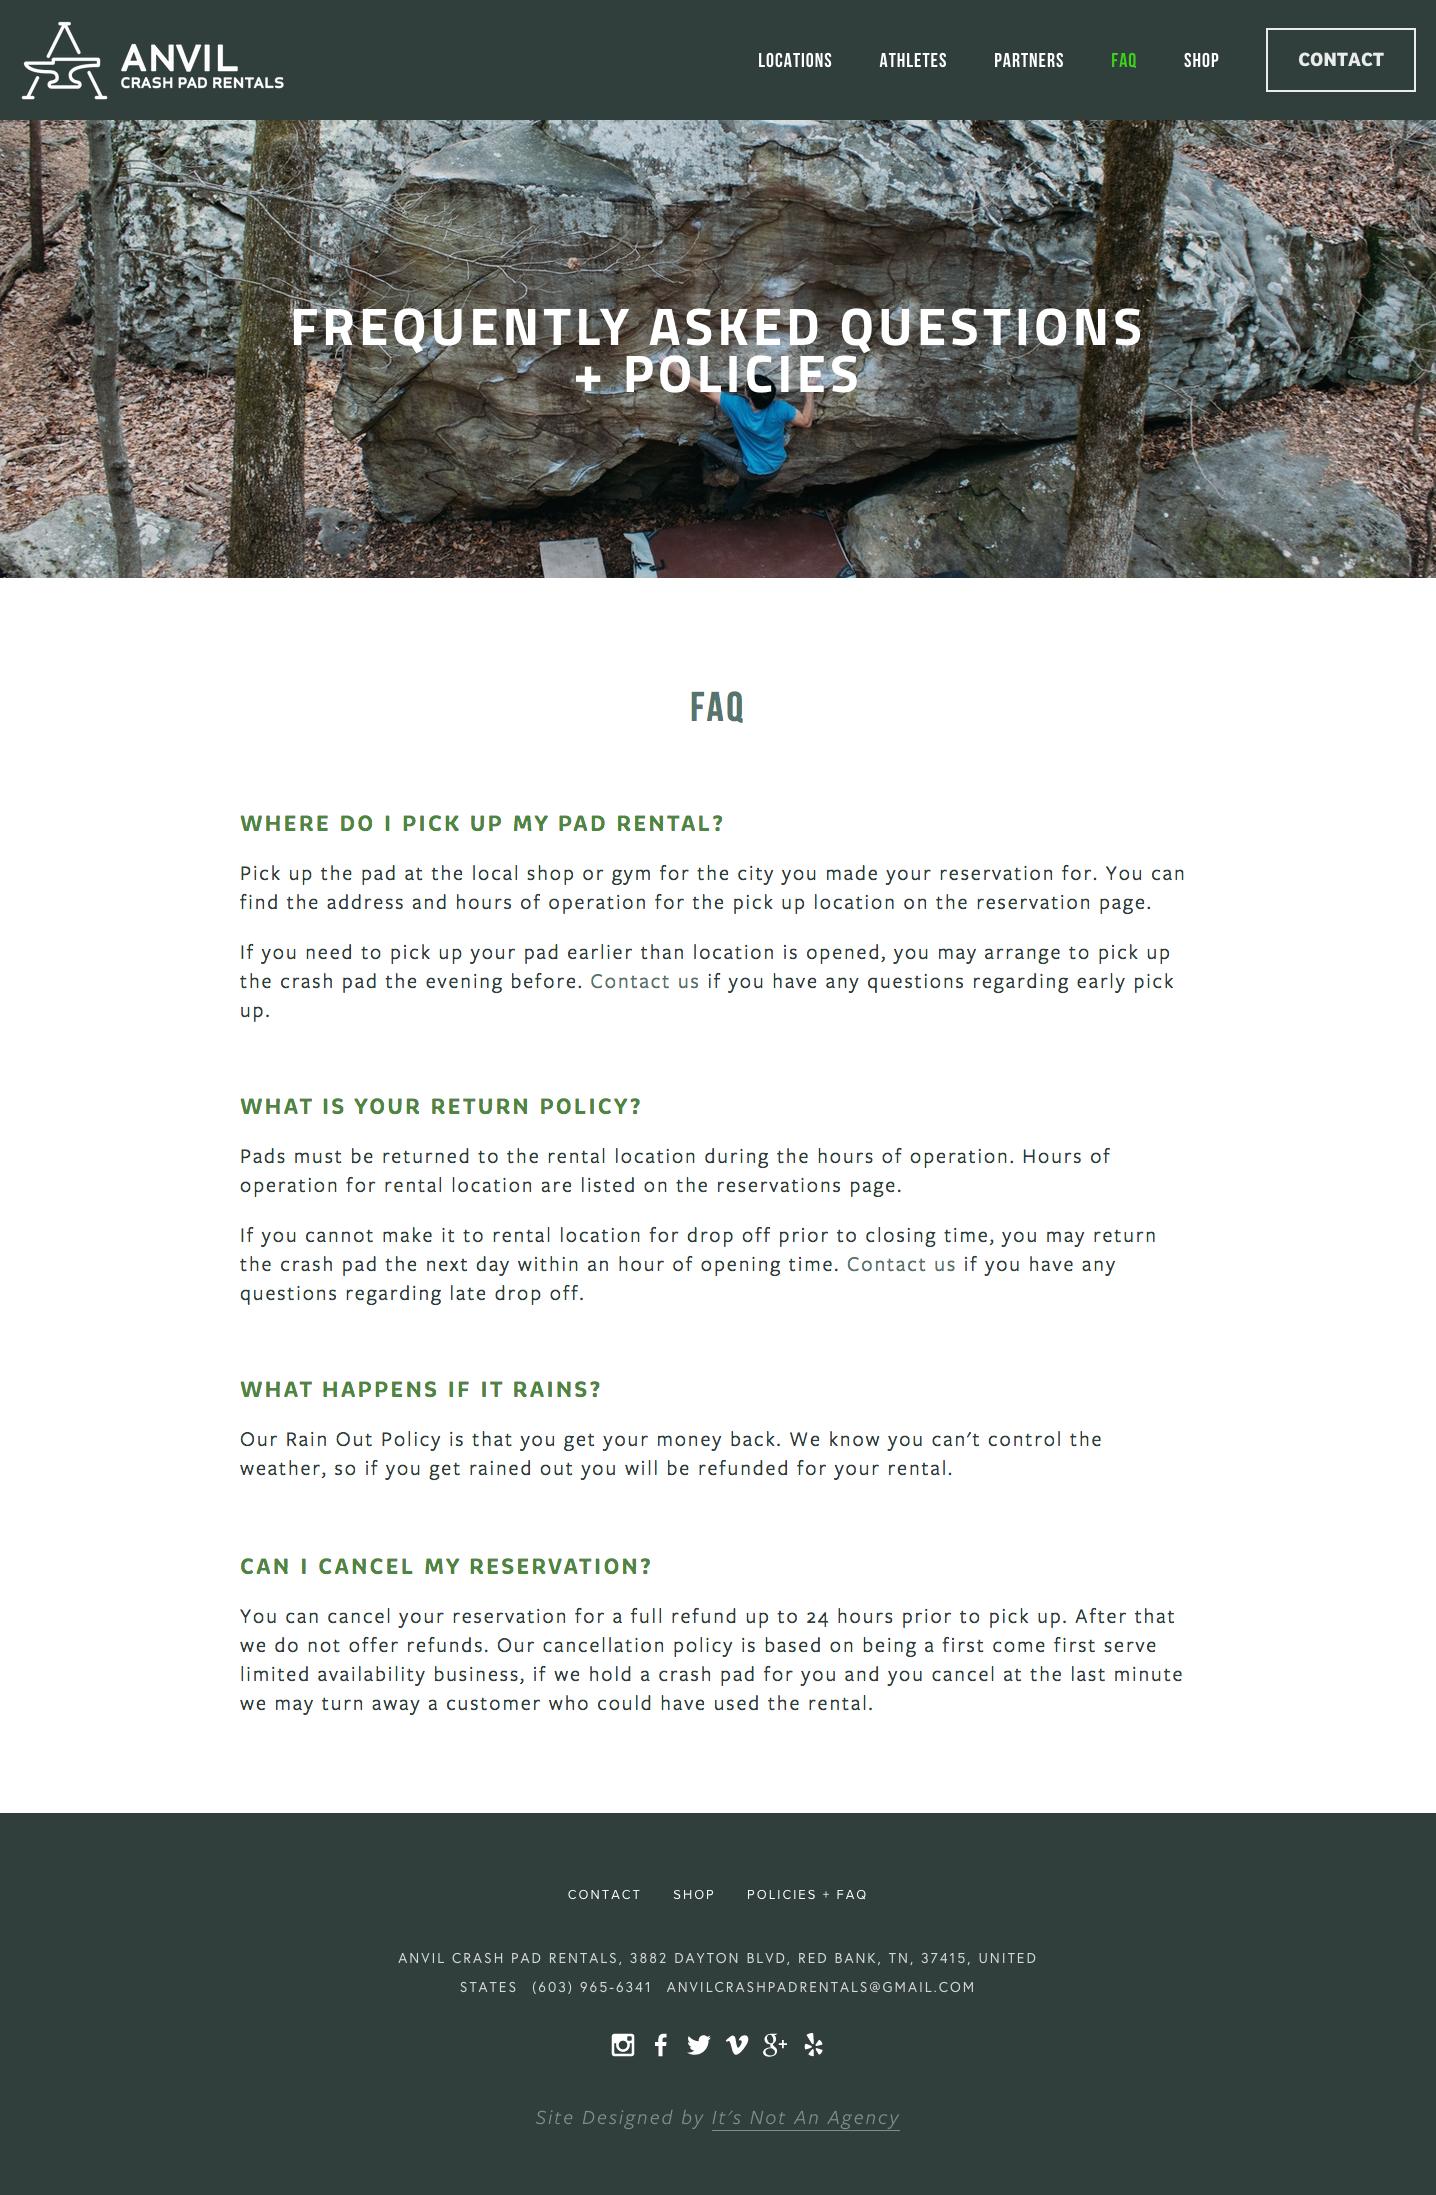 Ecommerce Website Design_Anvil Crash Pad Rentals4.png